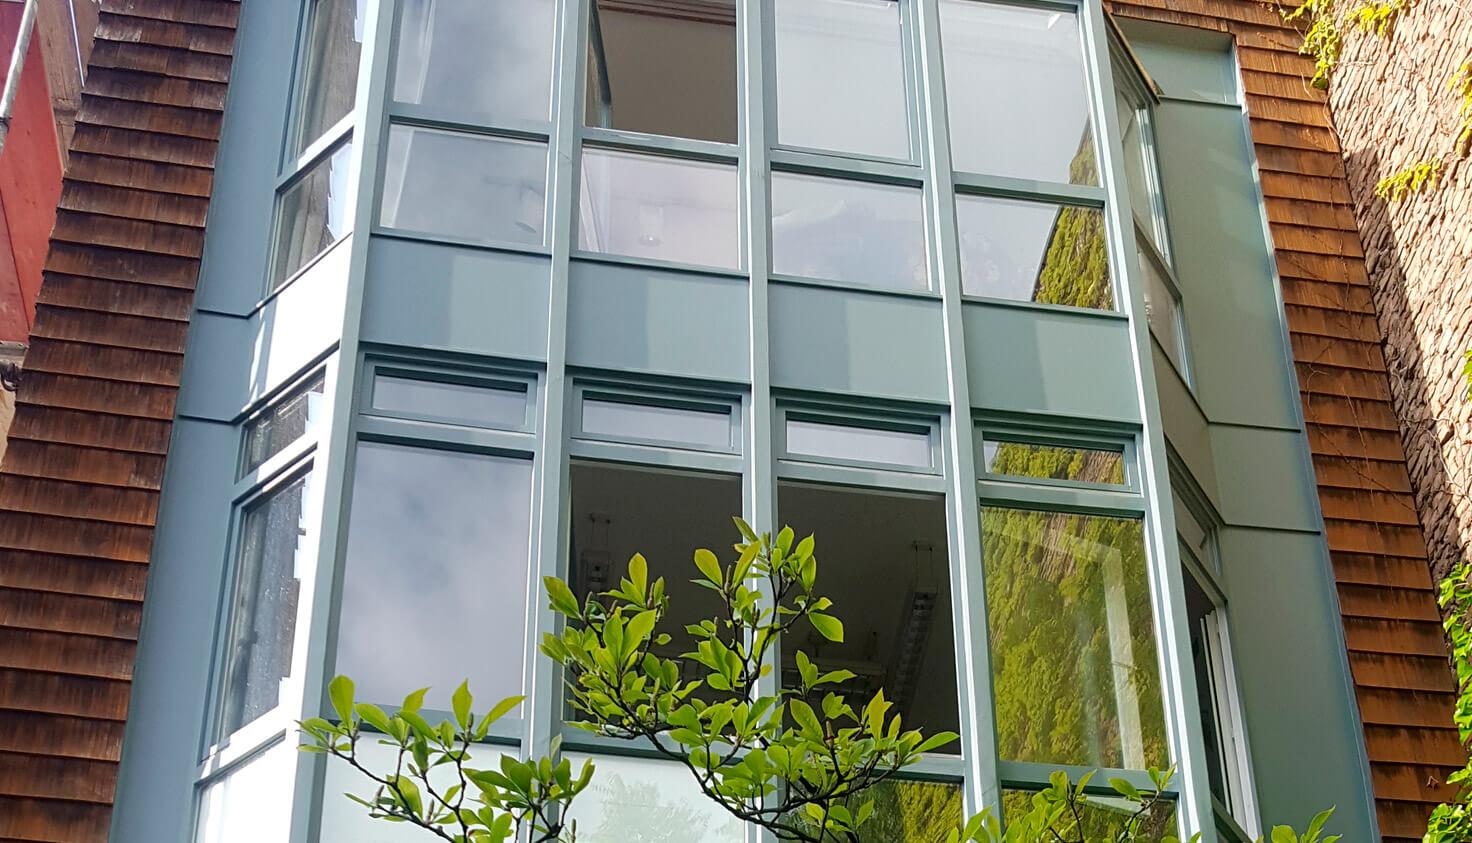 Fenstersanierung Hagelberger Straße - Referenz Malerbetrieb Kluge Berlin